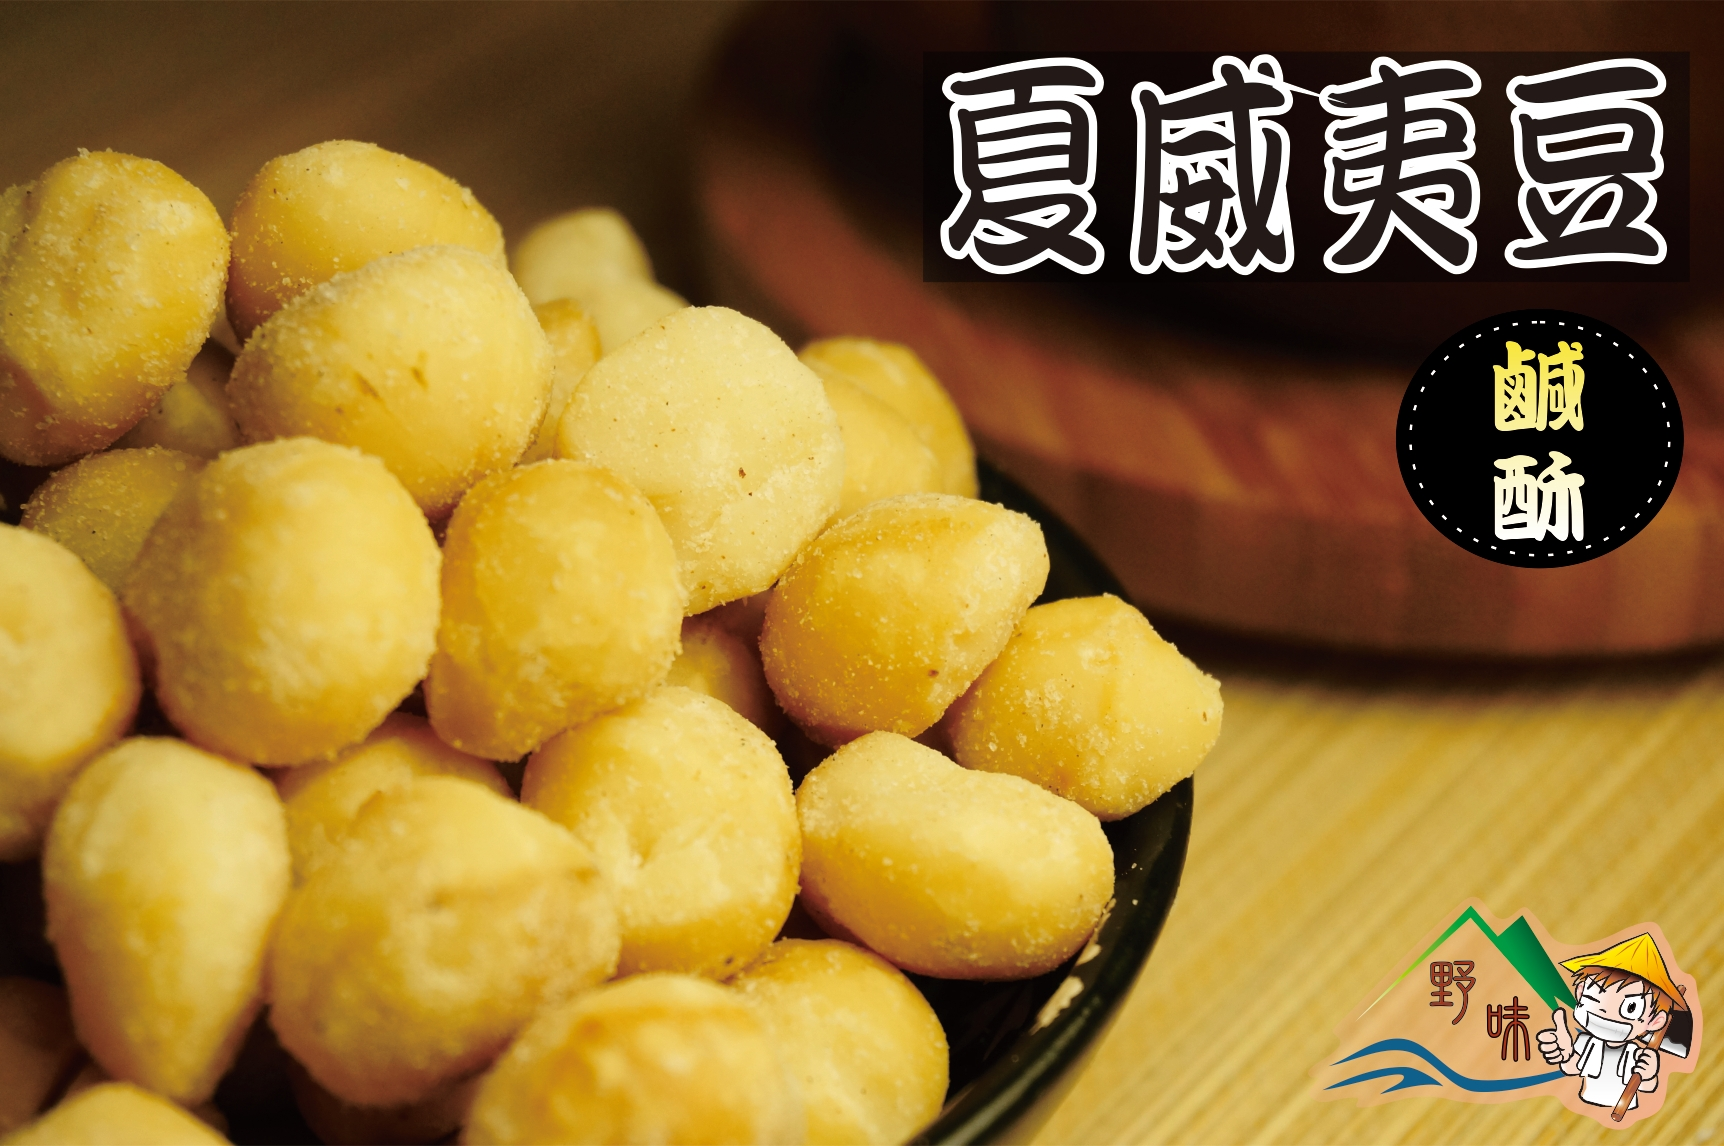 【野味食品】夏威夷豆(鹹酥夏威夷果)175g/包,桃園實體店面出貨